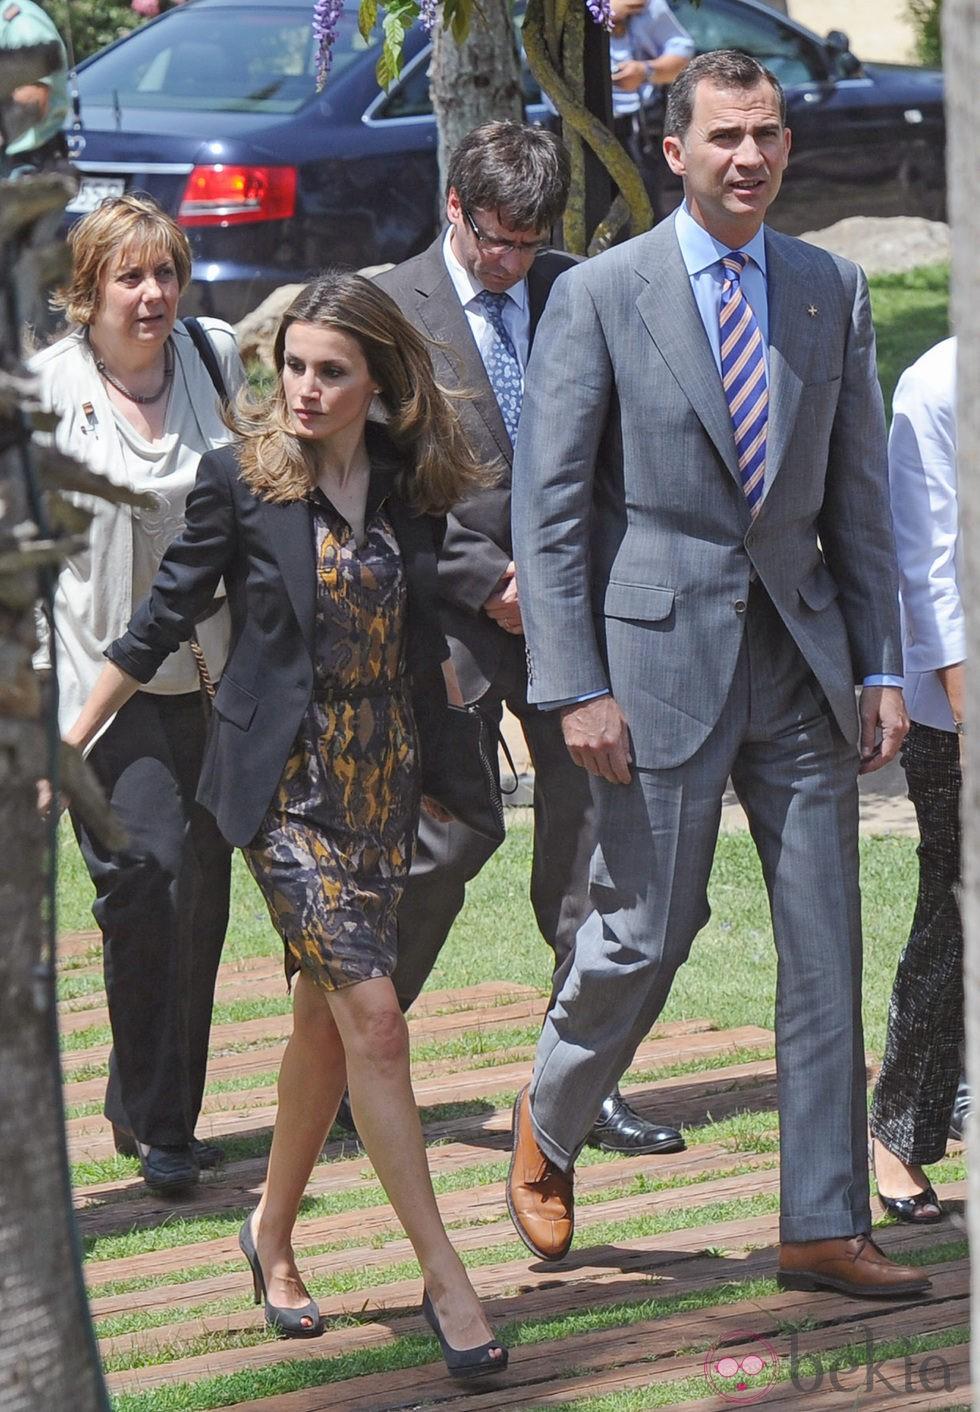 Príncipes de Asturias: visita de 2 días a Girona 24015_principes-felipe-letizia-llegada-almuerzo-girona